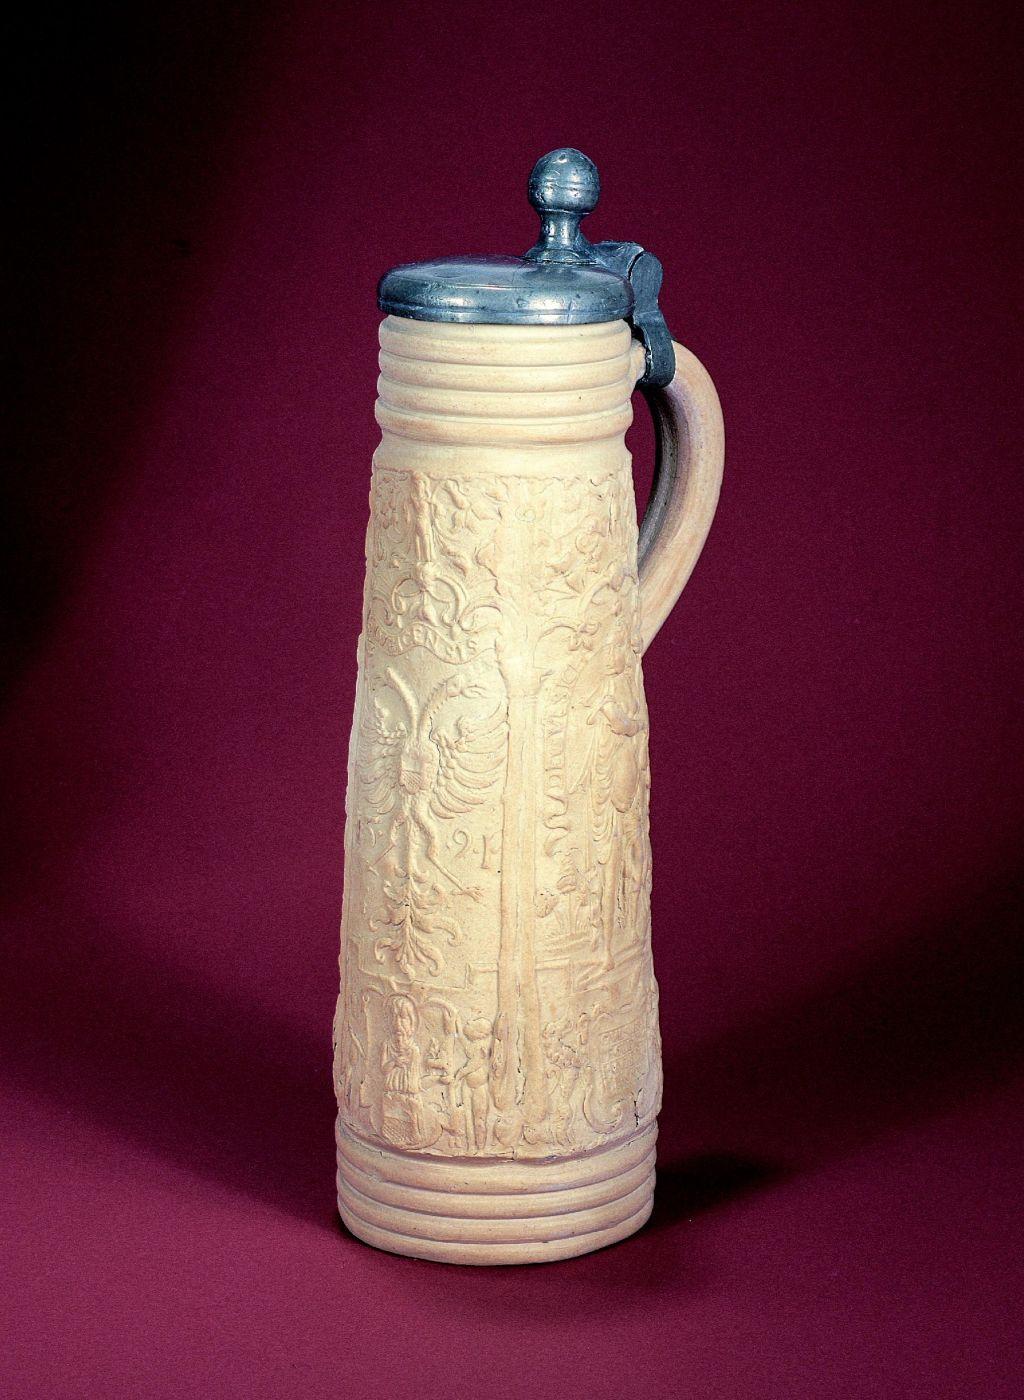 german-stoneware-siegburger-schnelle-1591-datiert